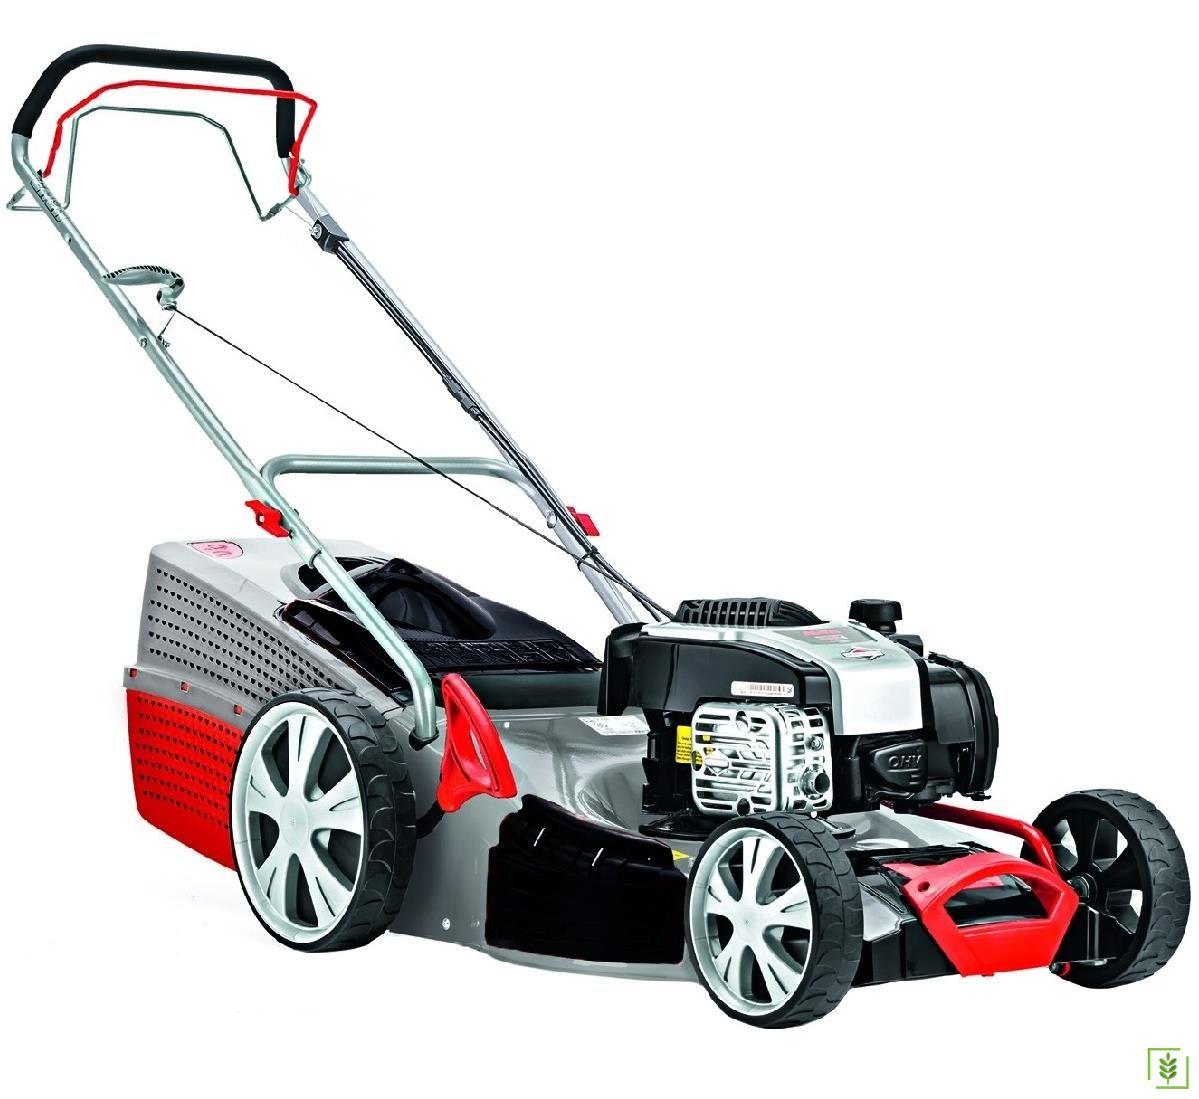 ALKO Classic 5.18 P-B Benzinli Çim Biçme Makinası